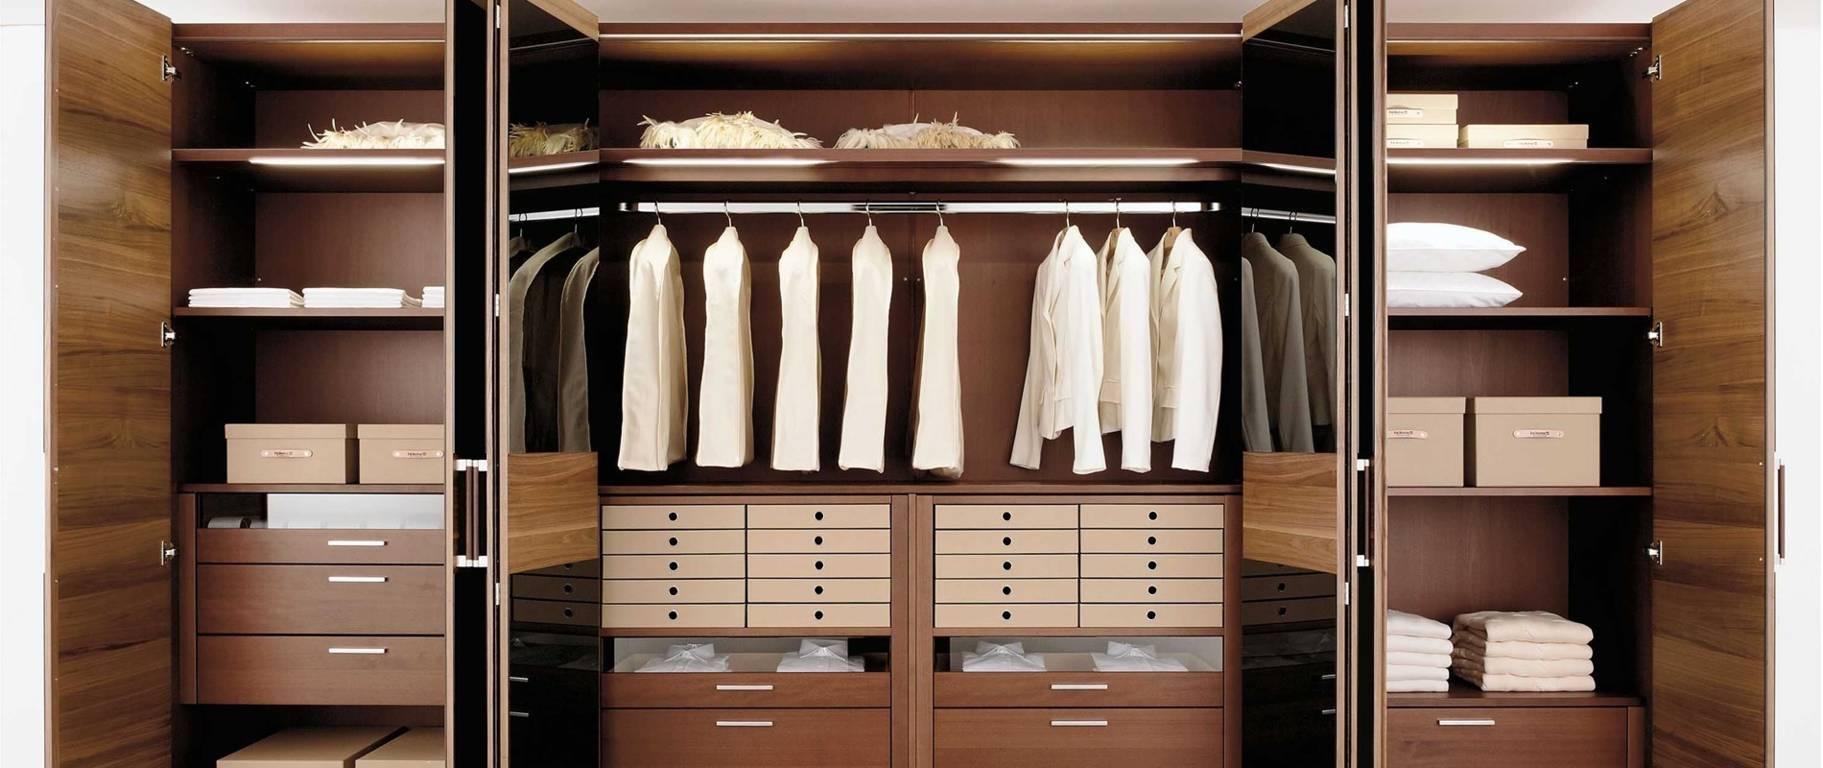 Casa y dinero compra y venta de casas decoraci n de tu - Modelos armarios empotrados ...